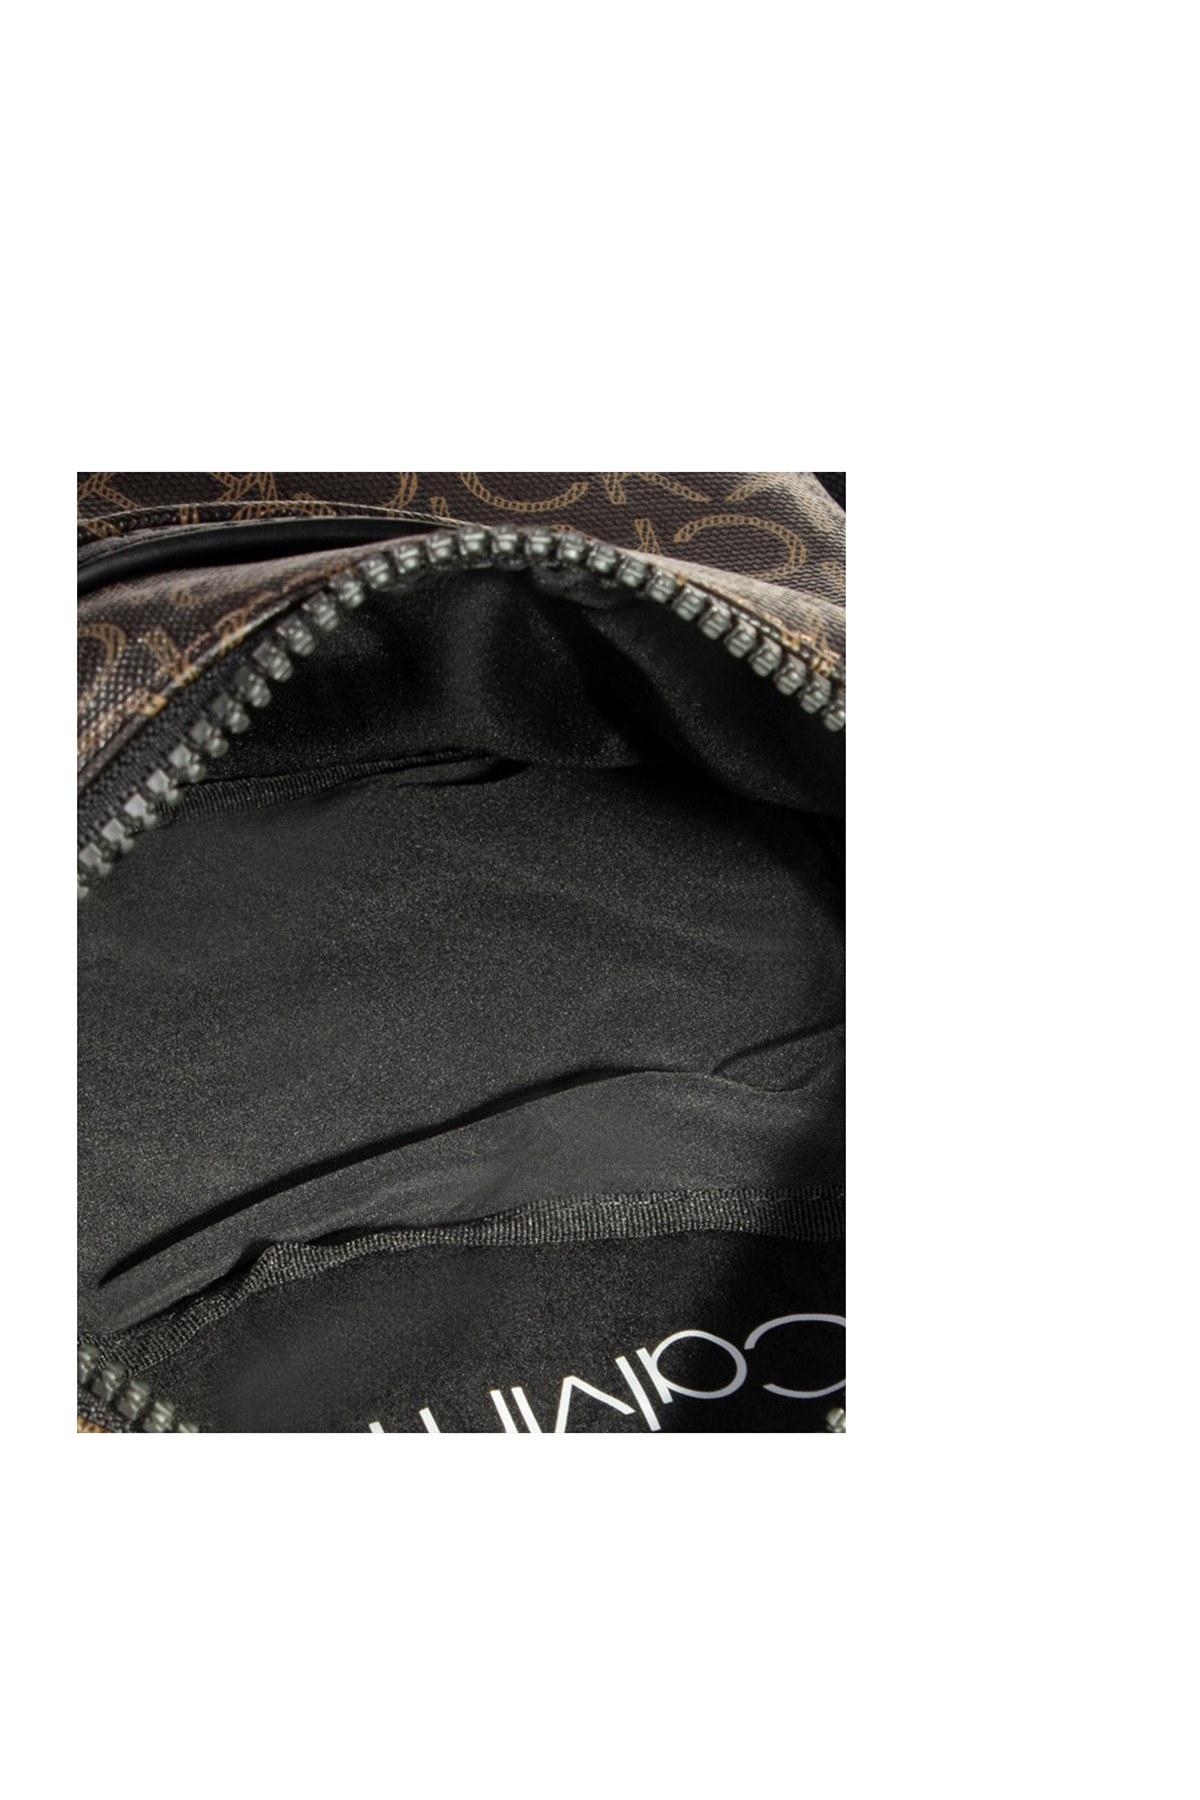 Calvin Klein Logo Baskılı Ayarlanabilir Askılı Erkek Çanta K50K505922 0HF KAHVE